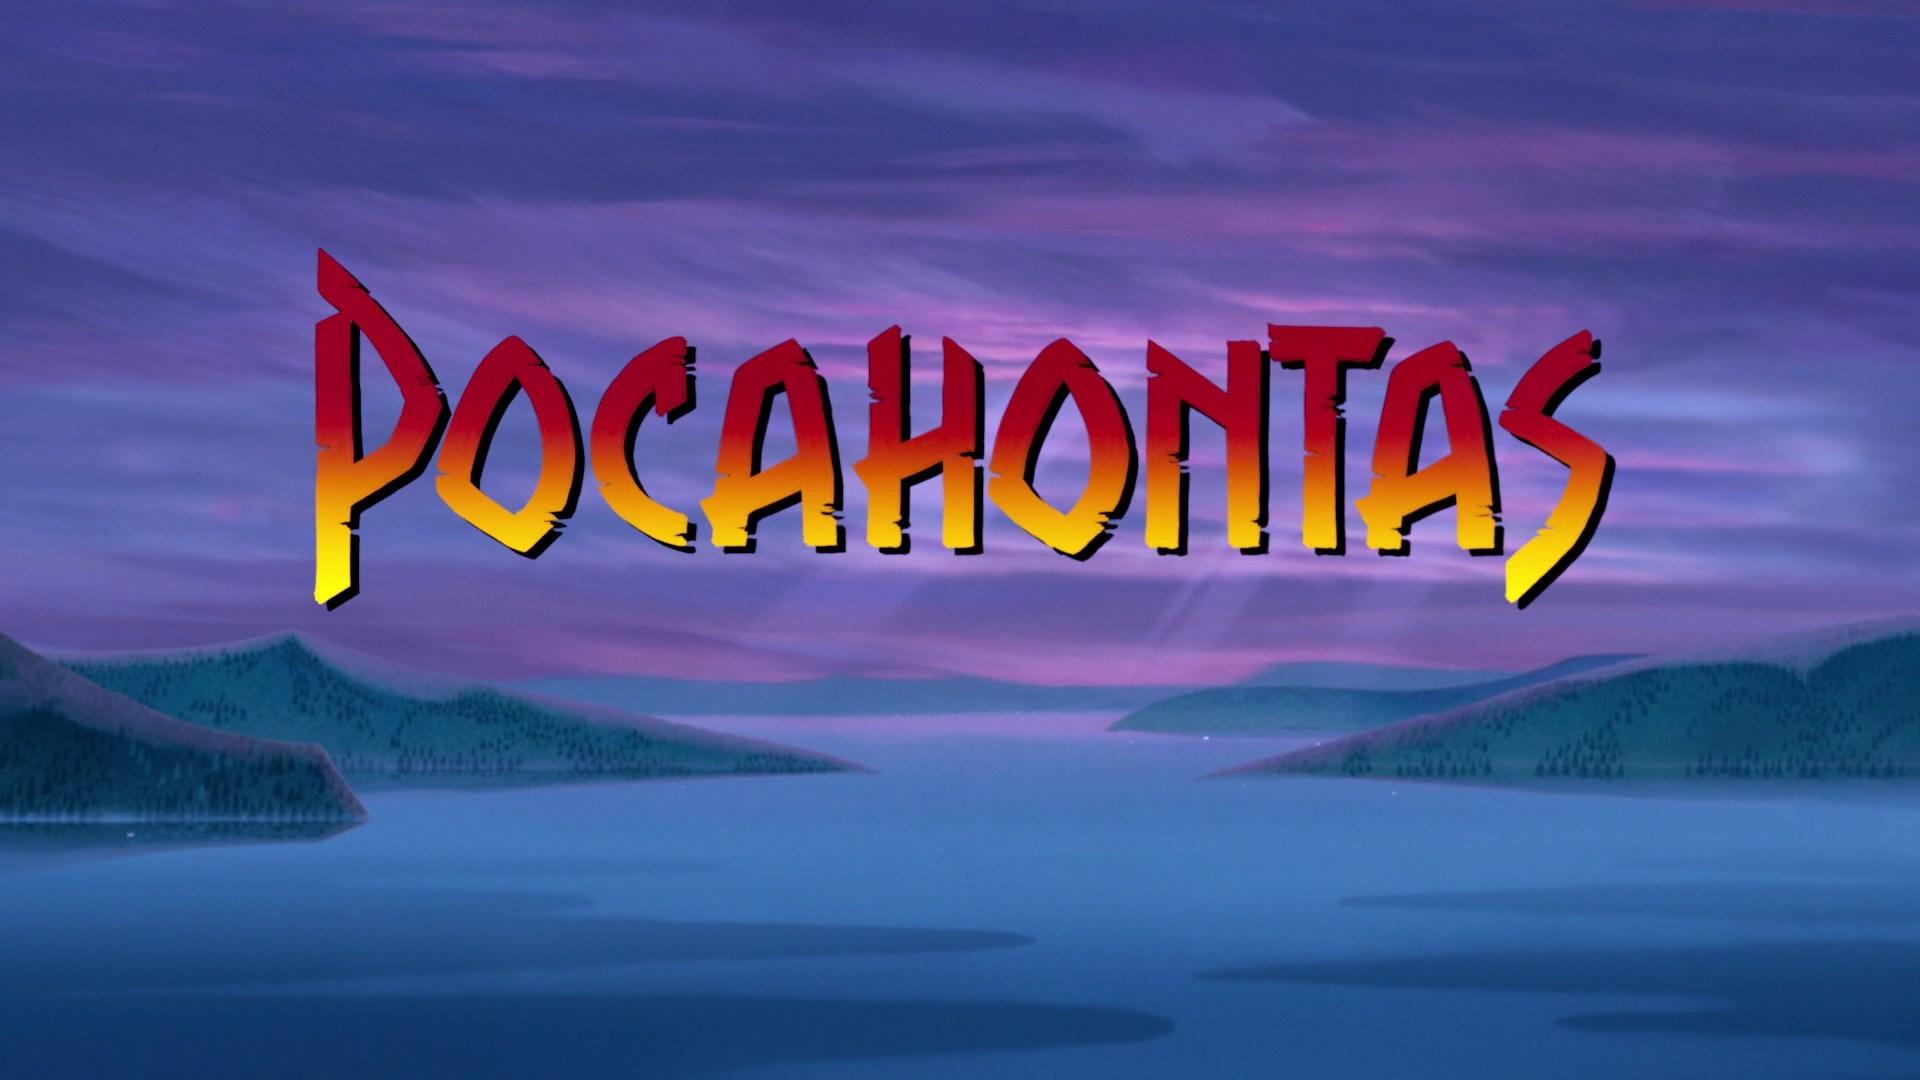 Pocahontas (Peter Pan) (@lekextrahoganas) Cover Image